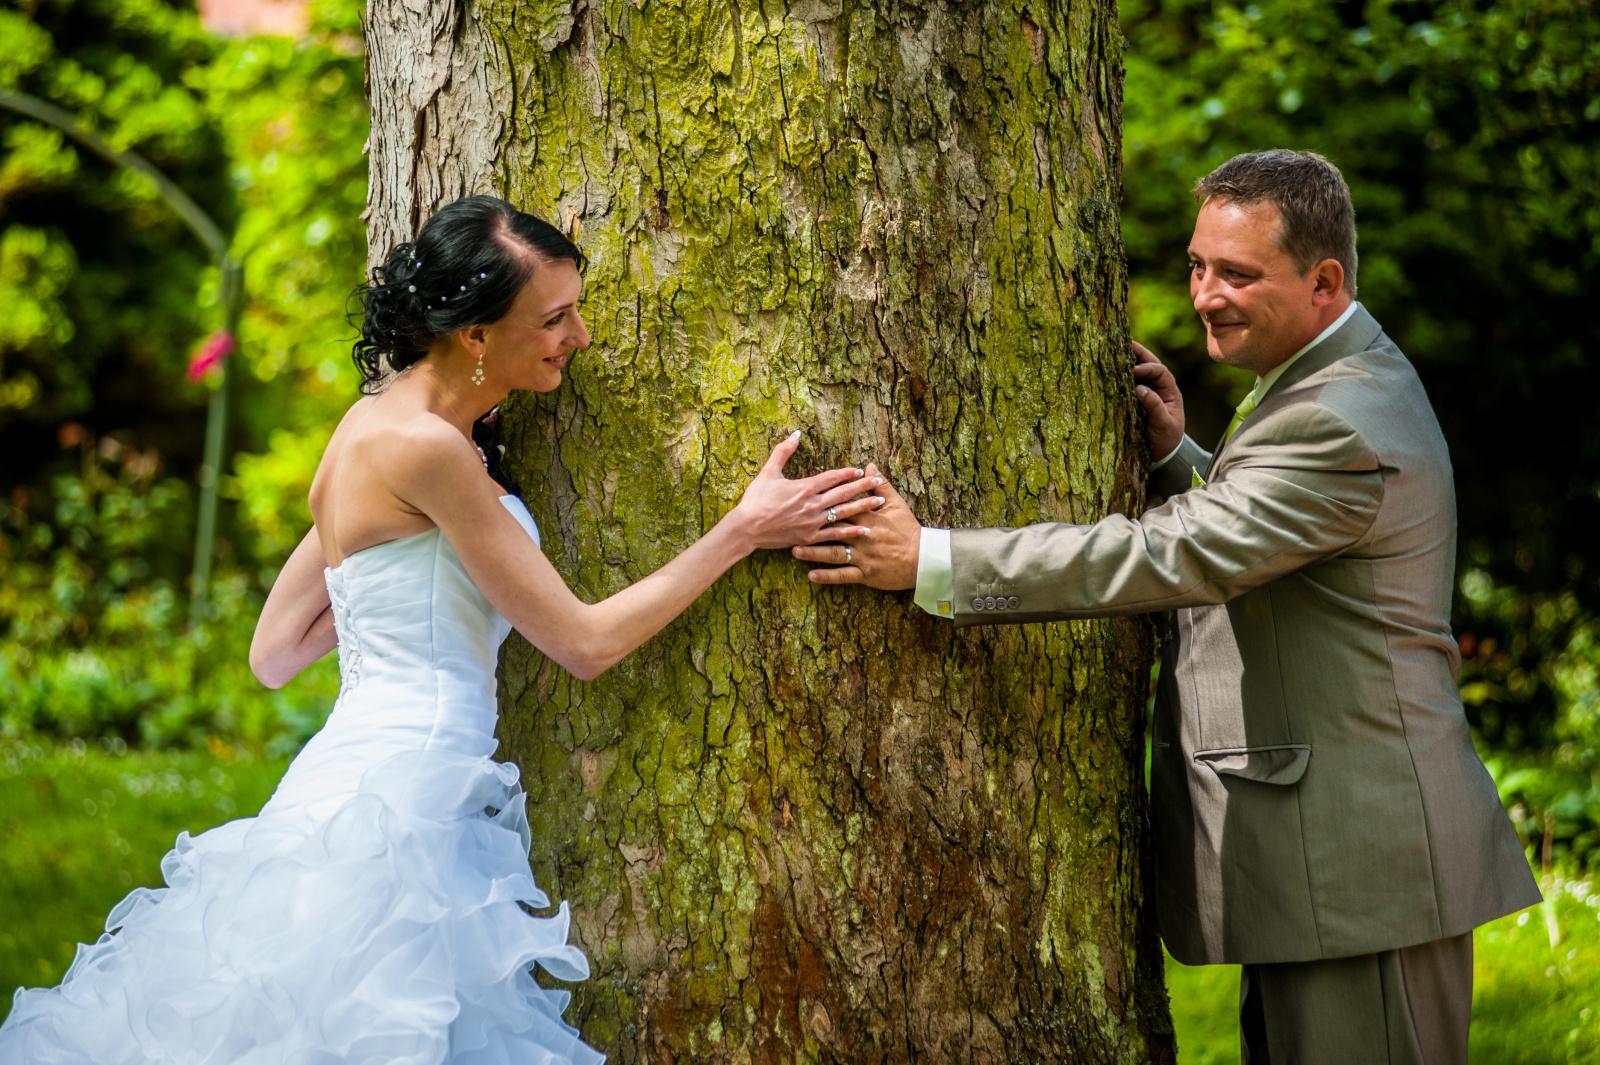 Fotografování svatby a cena - kolik jste ochotni zaplatit za kvalitu?